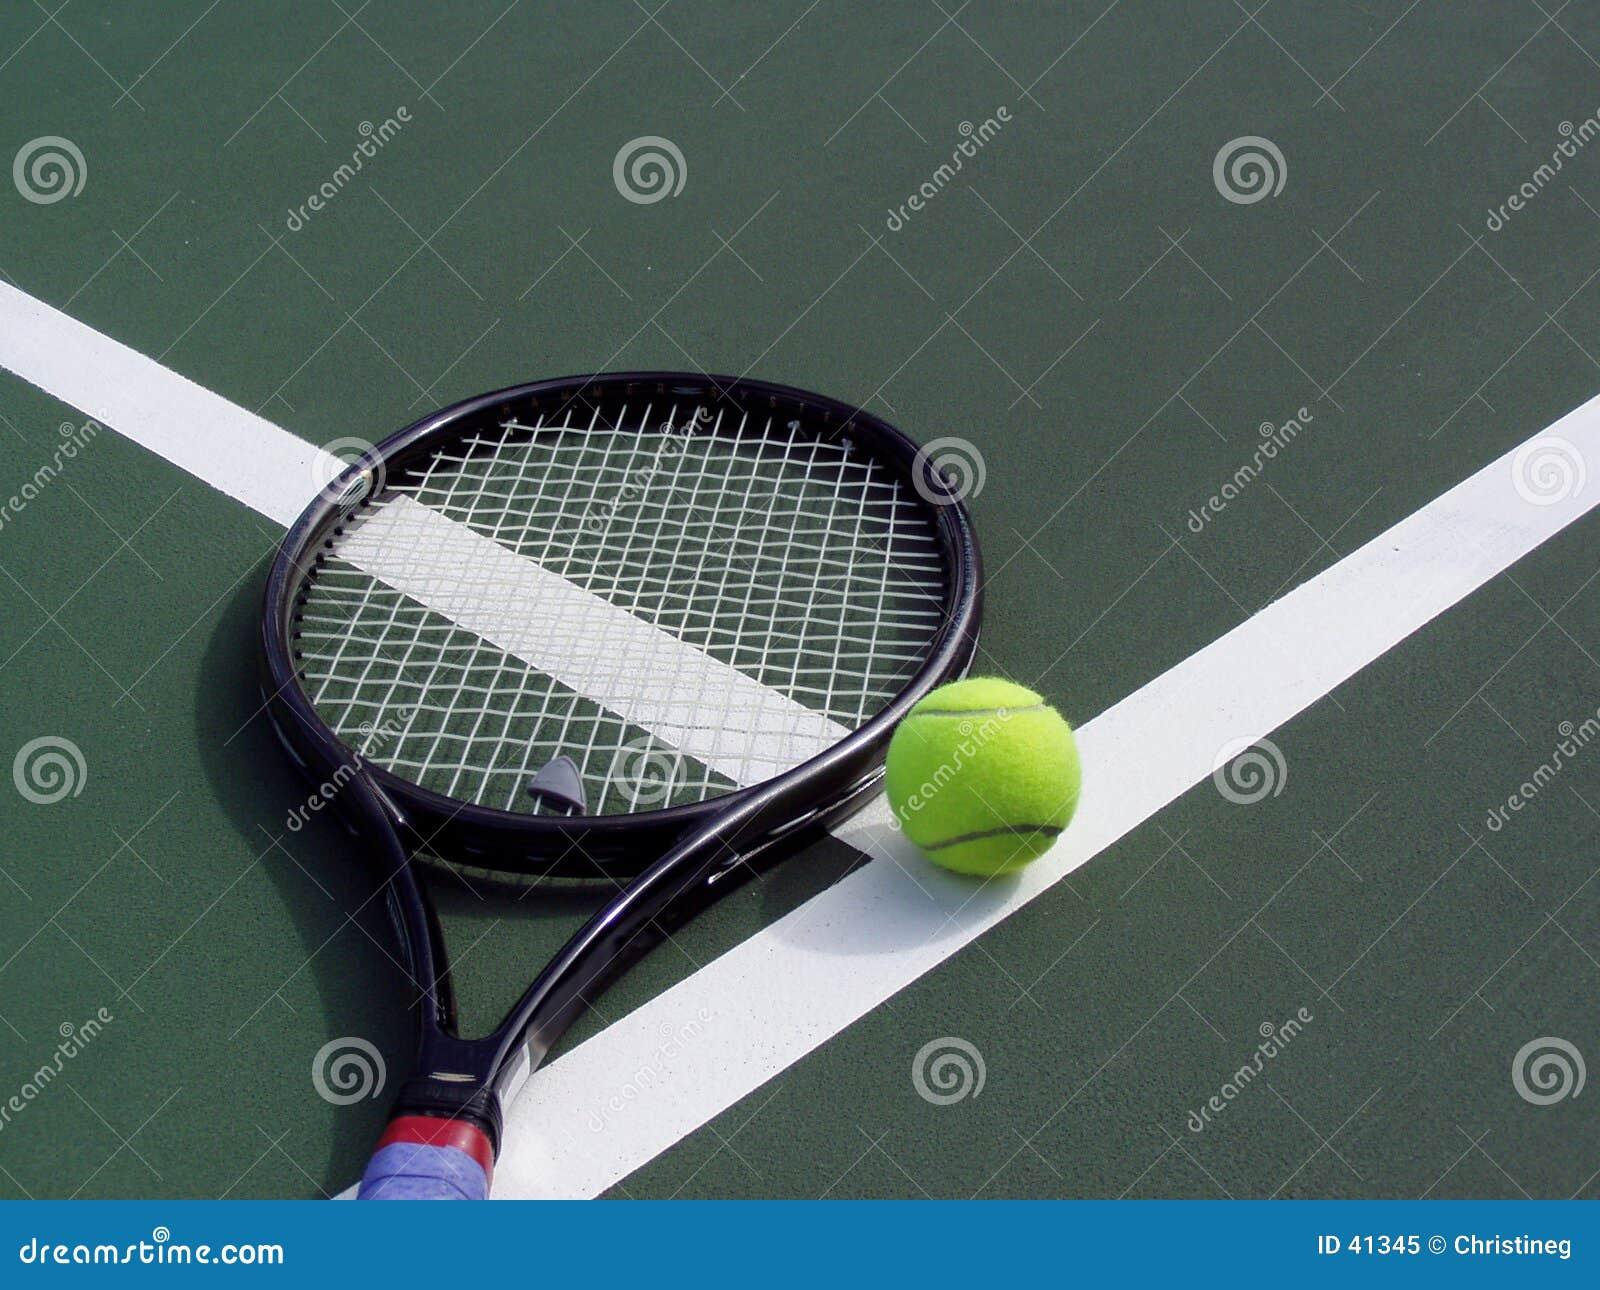 Raqueta y bola de tenis en un campo de tenis